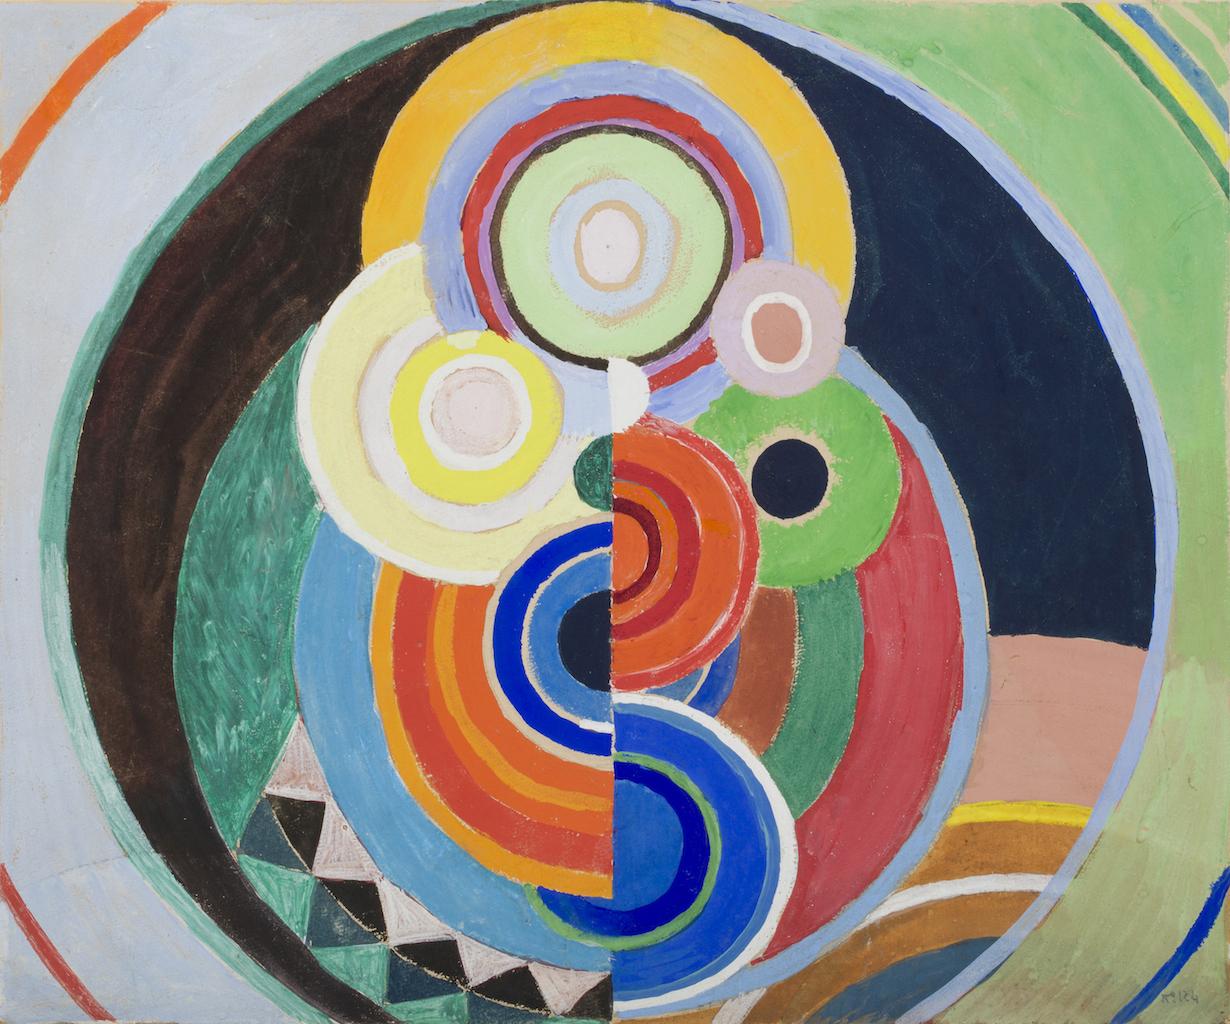 Sonia Delaunay Rythme colorÇ, projet pour le grand panneau exposÇ aux Tuileries en 1938-39, gouache et crayon sur papier 39×46,5cm BRAME ET LORENCEAU